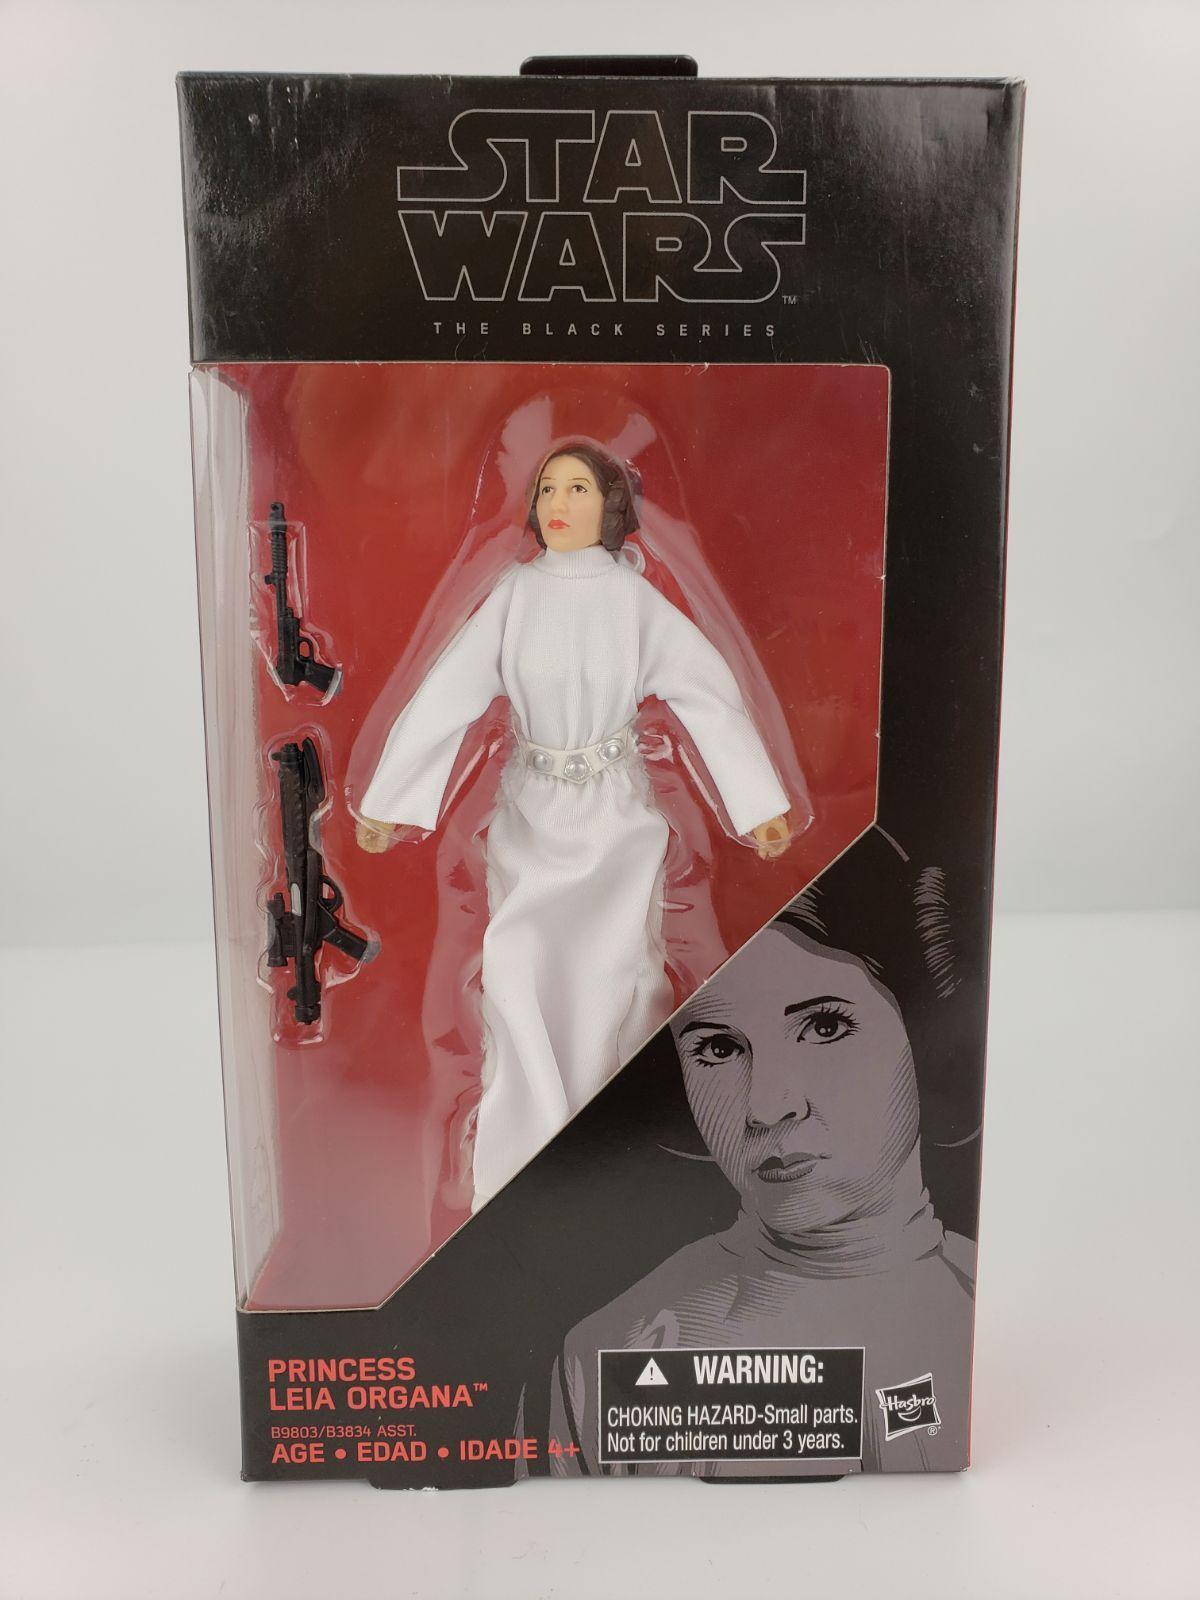 Star Wars Black Series General Leia Organa in Original Packaging